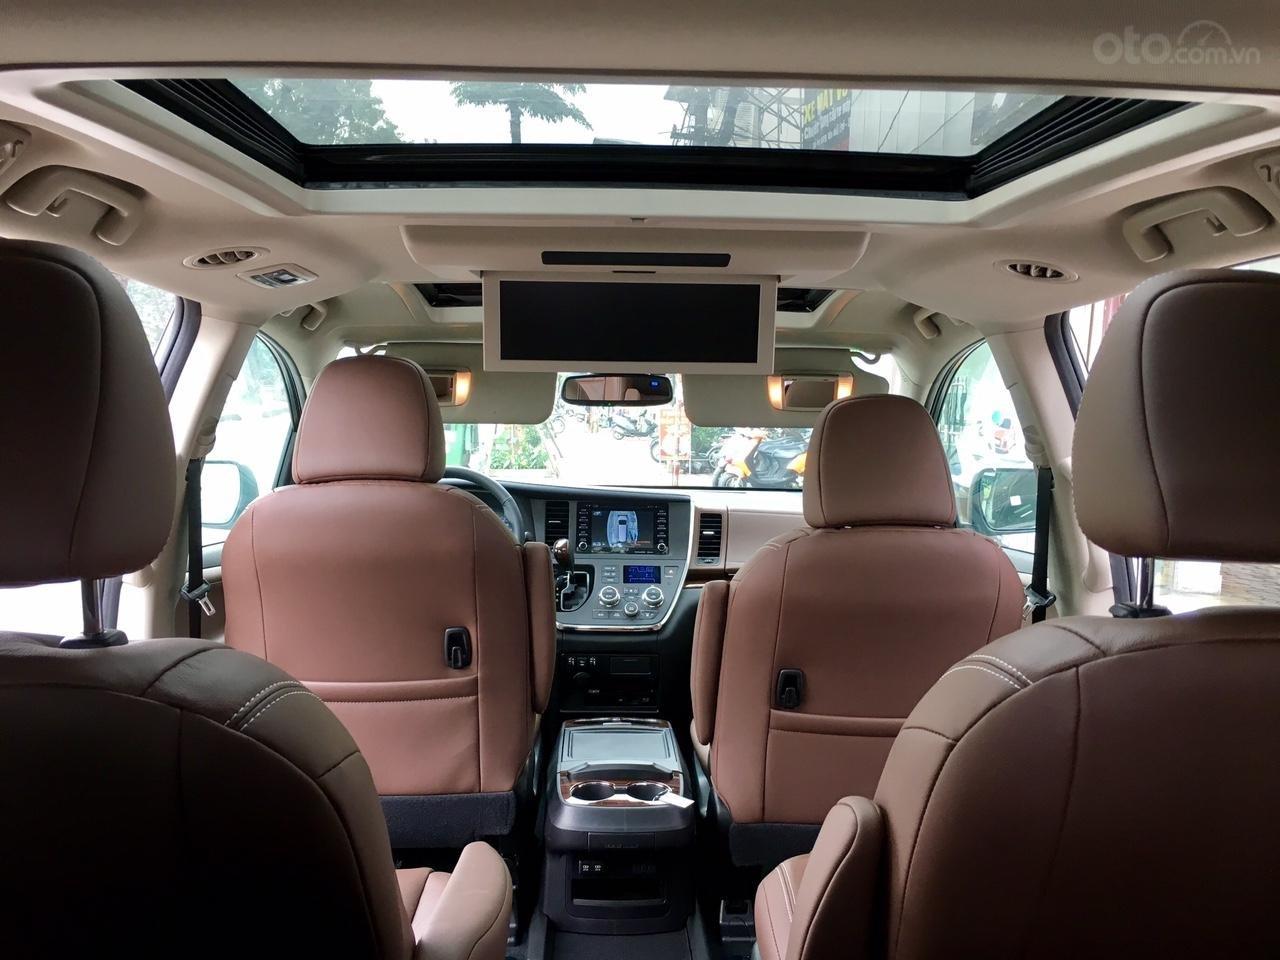 Bán Toyota Sienna Limited 1 cầu model 2020 giao ngay toàn quốc, giá tốt - LH 093.996.2368 Ms Ngọc Vy (17)